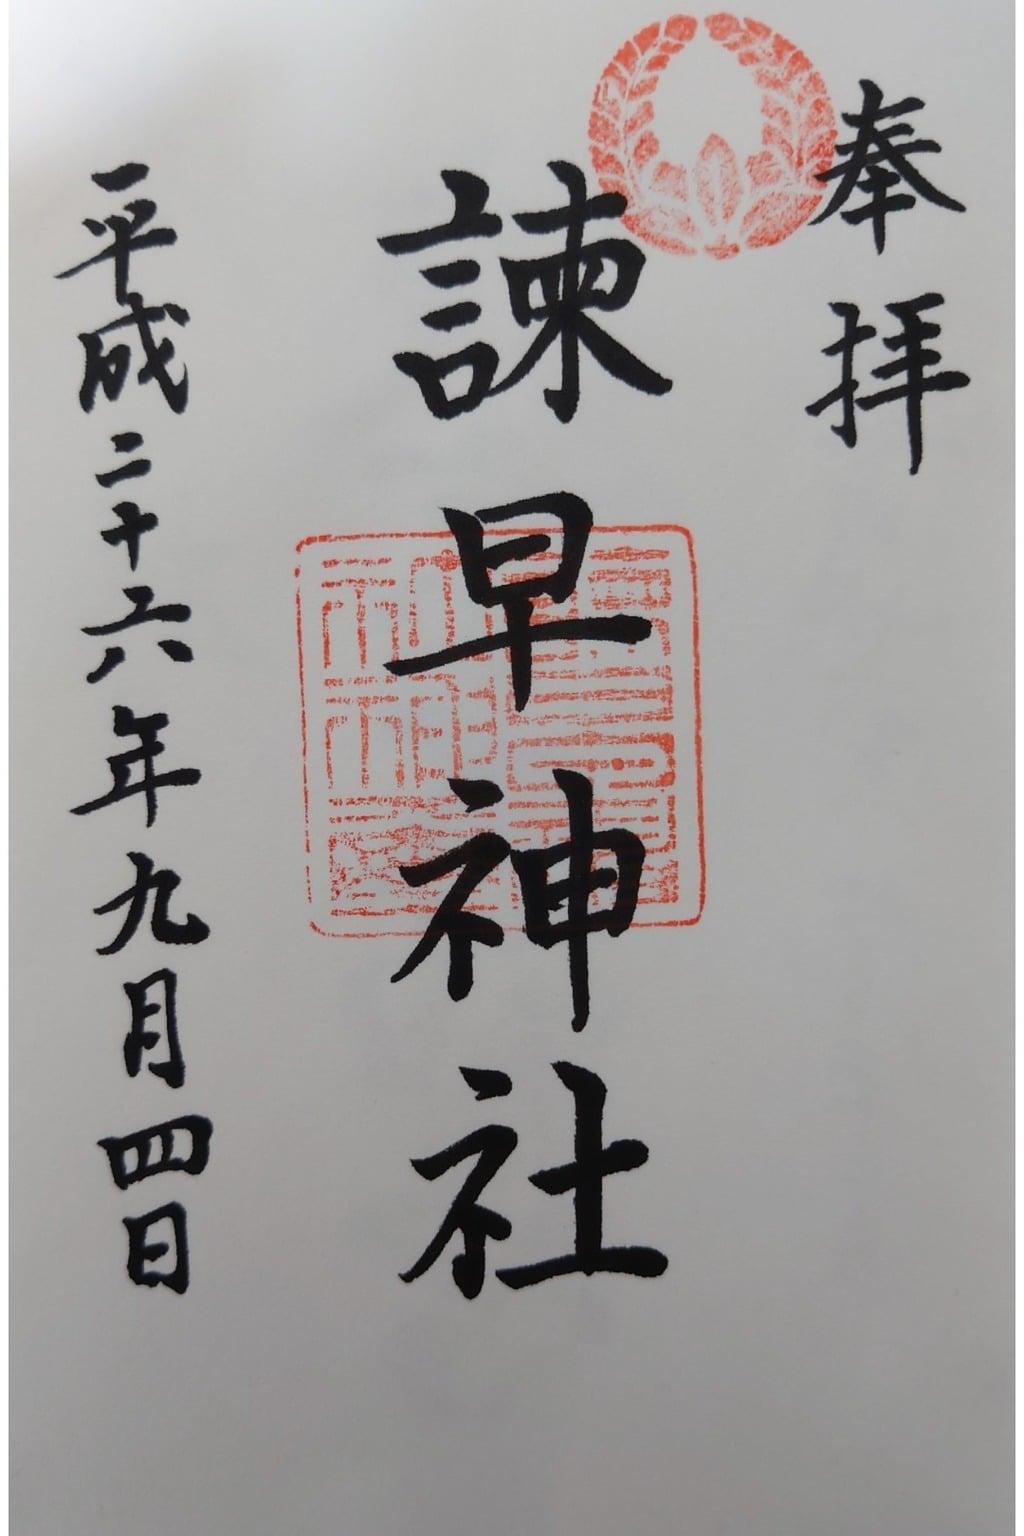 諫早神社(九州総守護  四面宮)の御朱印